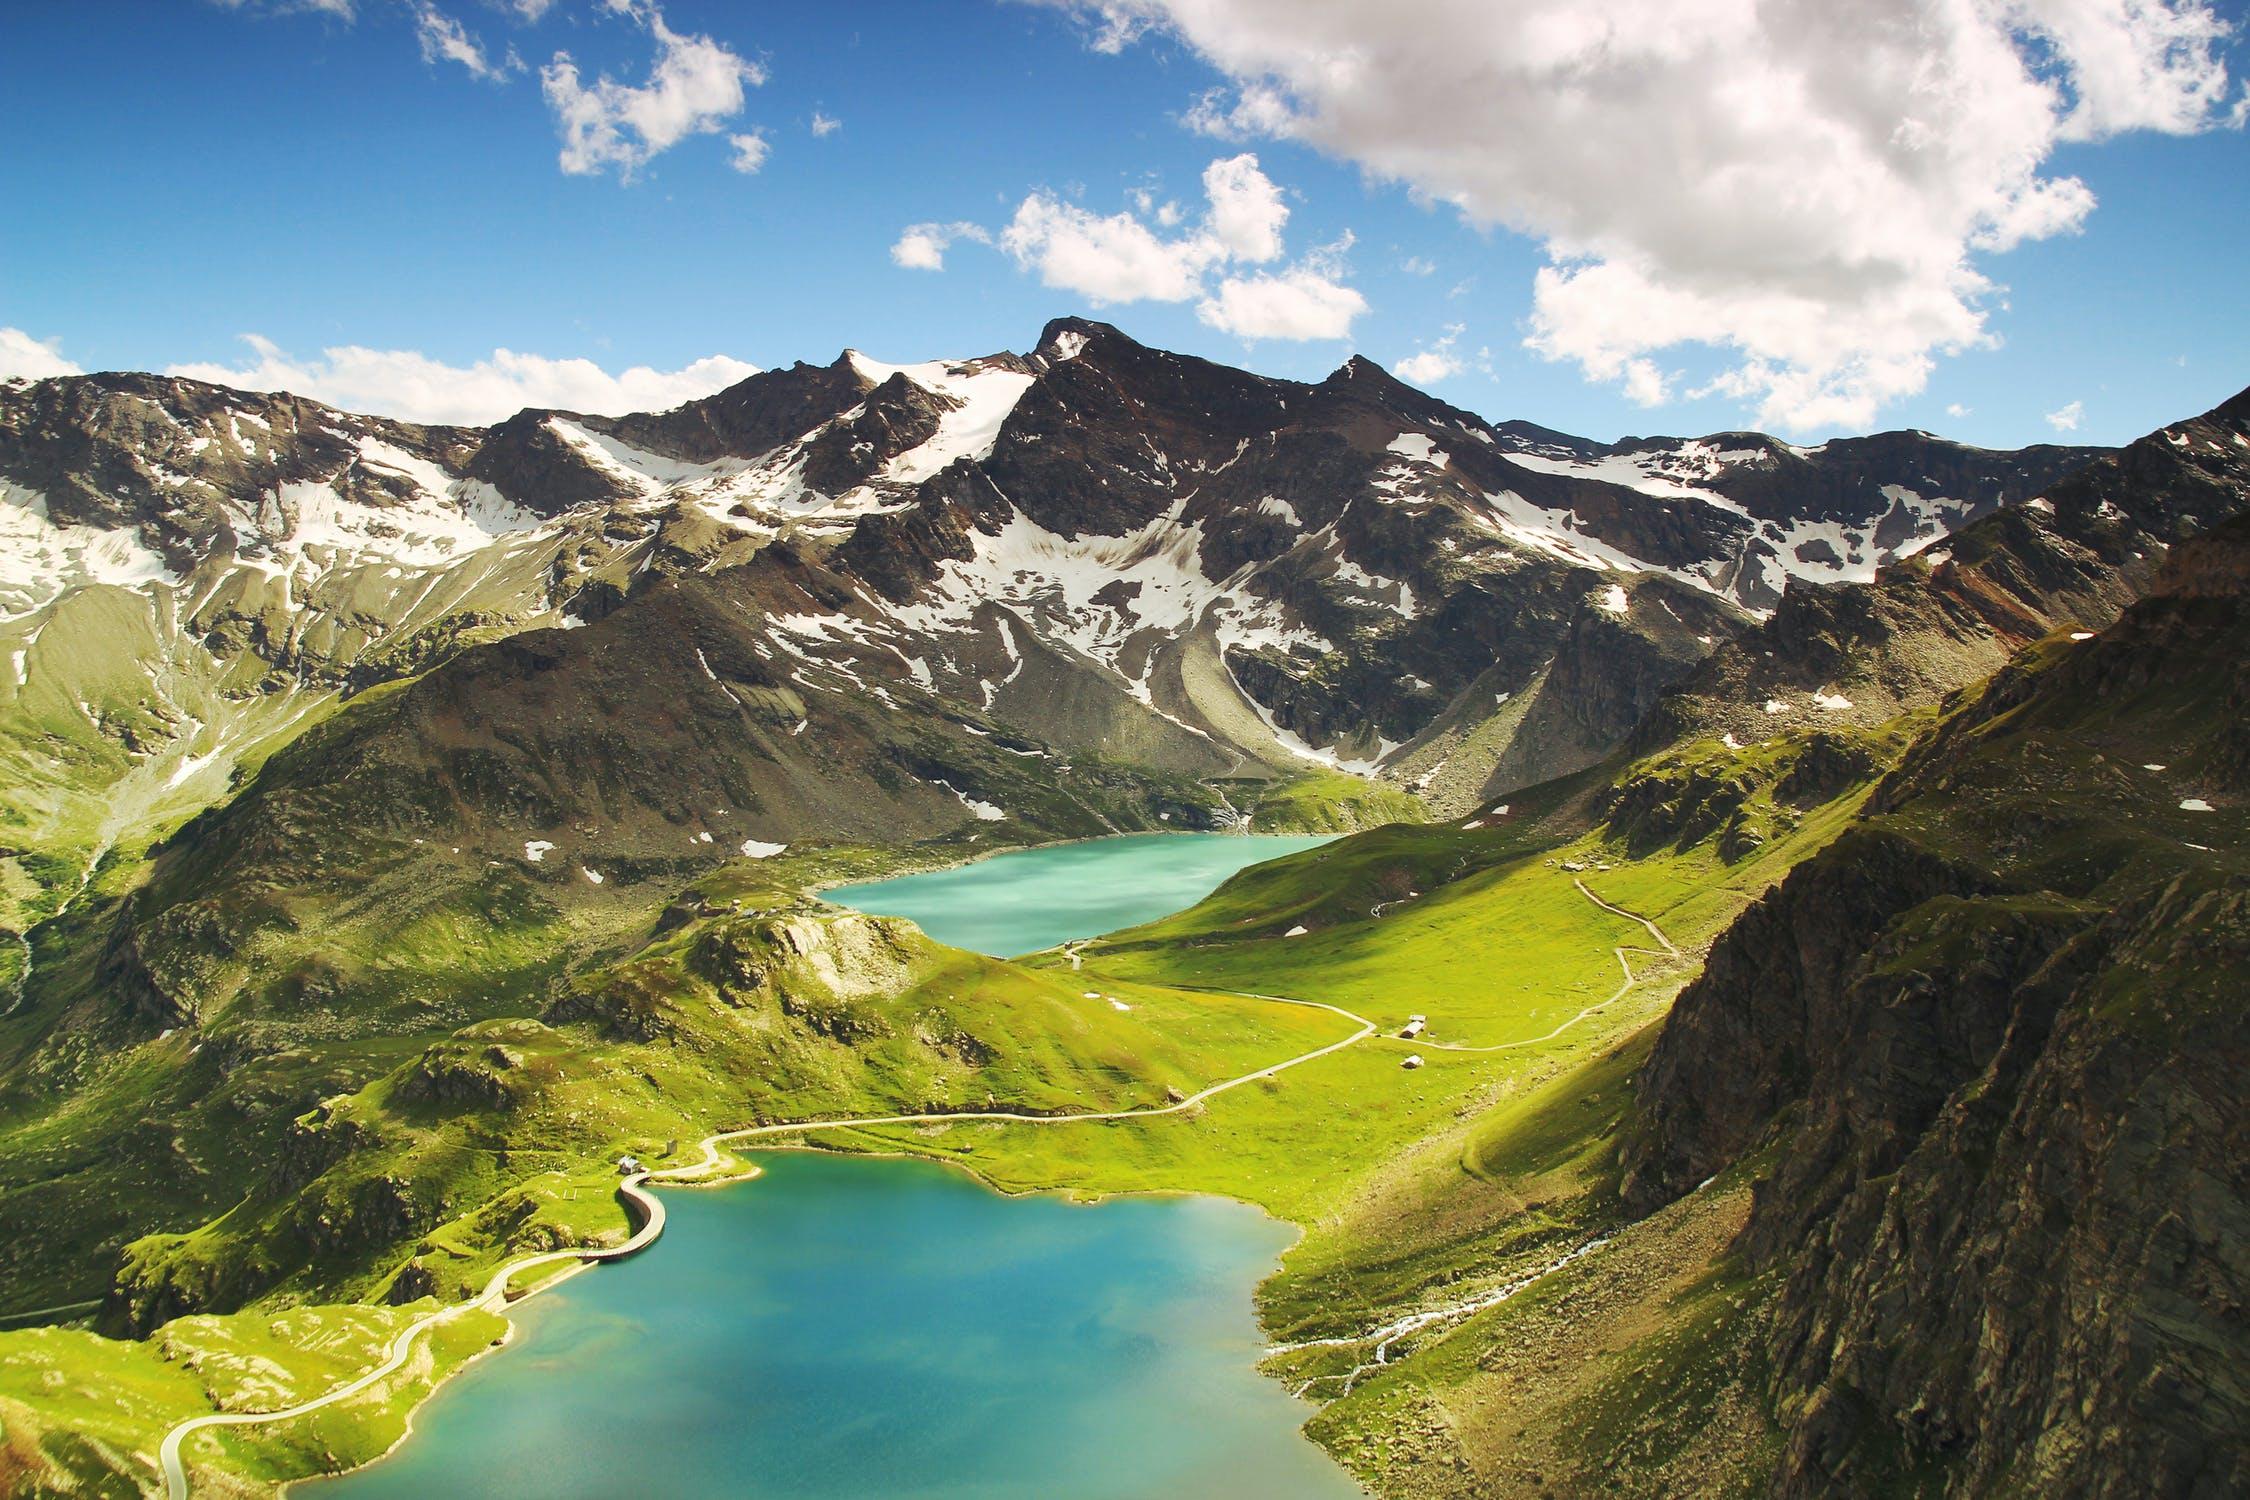 Hình nền destop 4k cực đẹp về thiên nhiên hùng vĩ